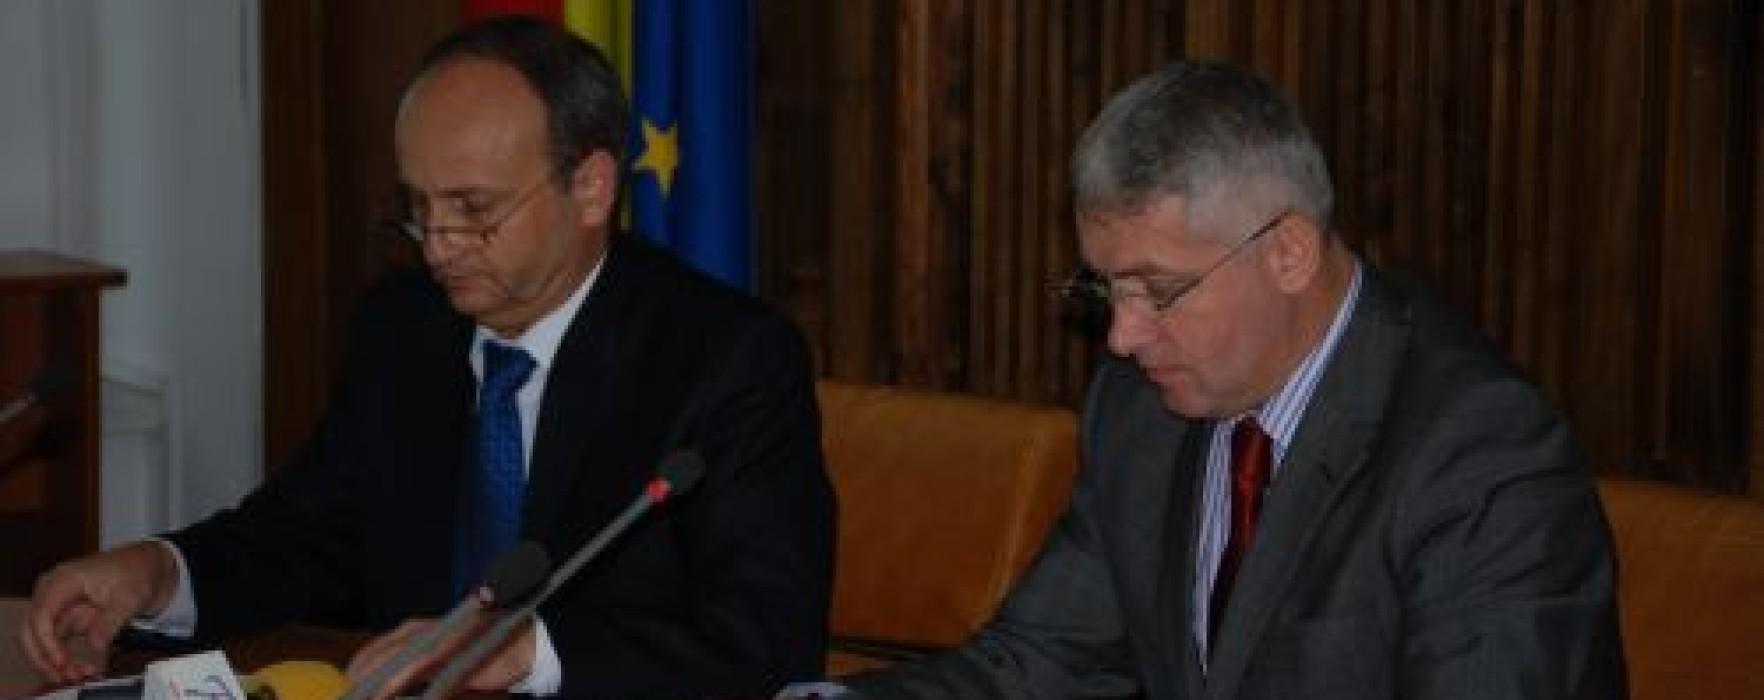 Îmbunătăţirea comunicării în domeniul situaţiilor de urgenţă în Dâmboviţa, printr-un proiect european